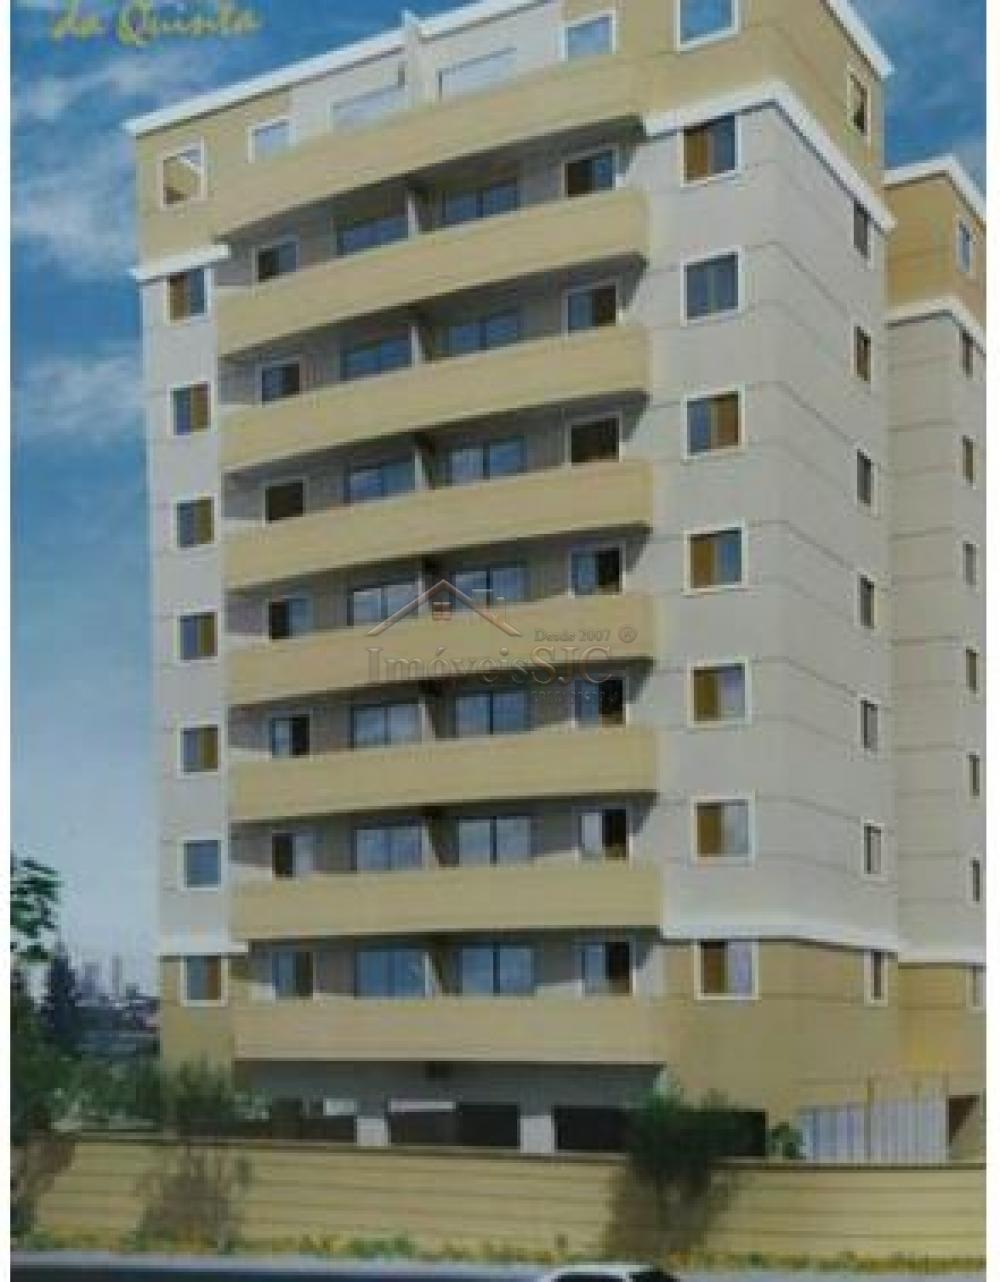 Comprar Apartamentos / Padrão em São José dos Campos apenas R$ 318.000,00 - Foto 15